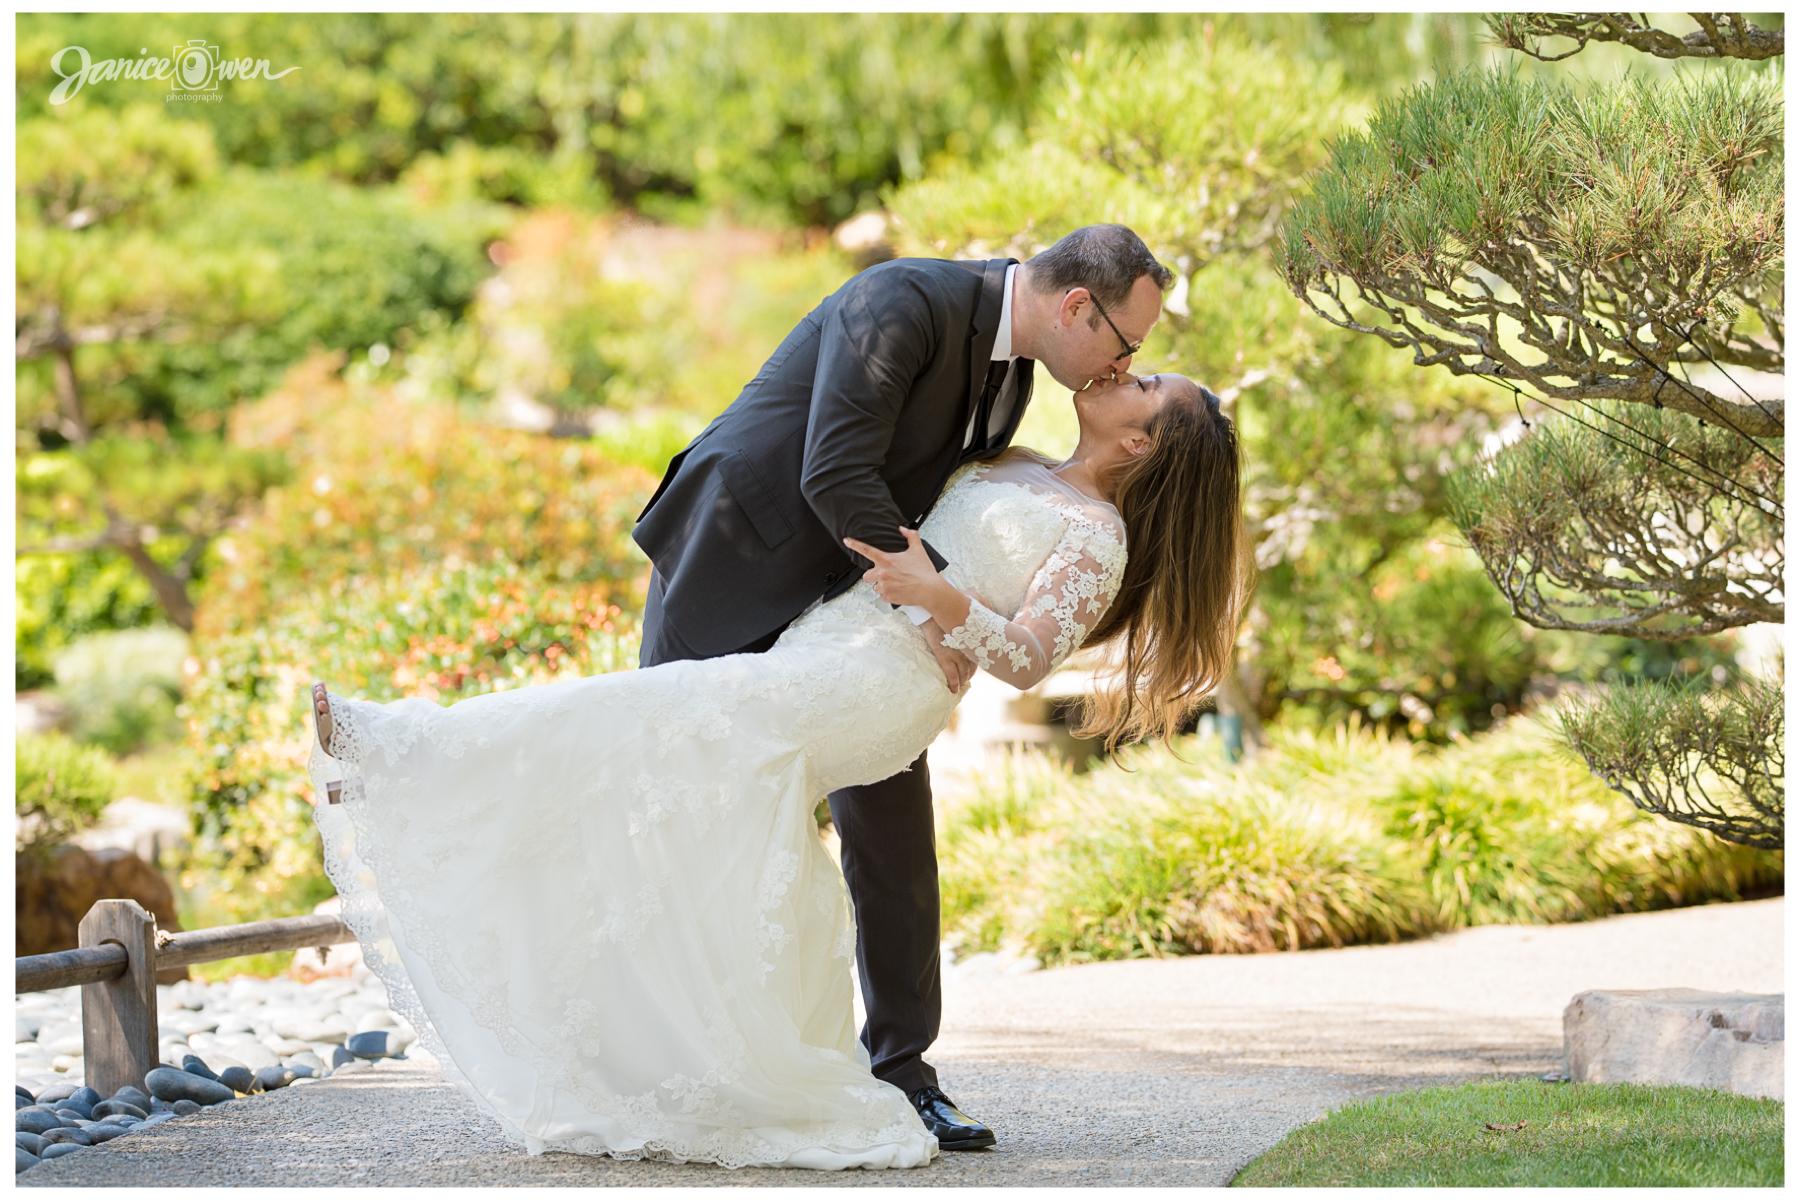 janiceowenphotography_wedding6.jpg